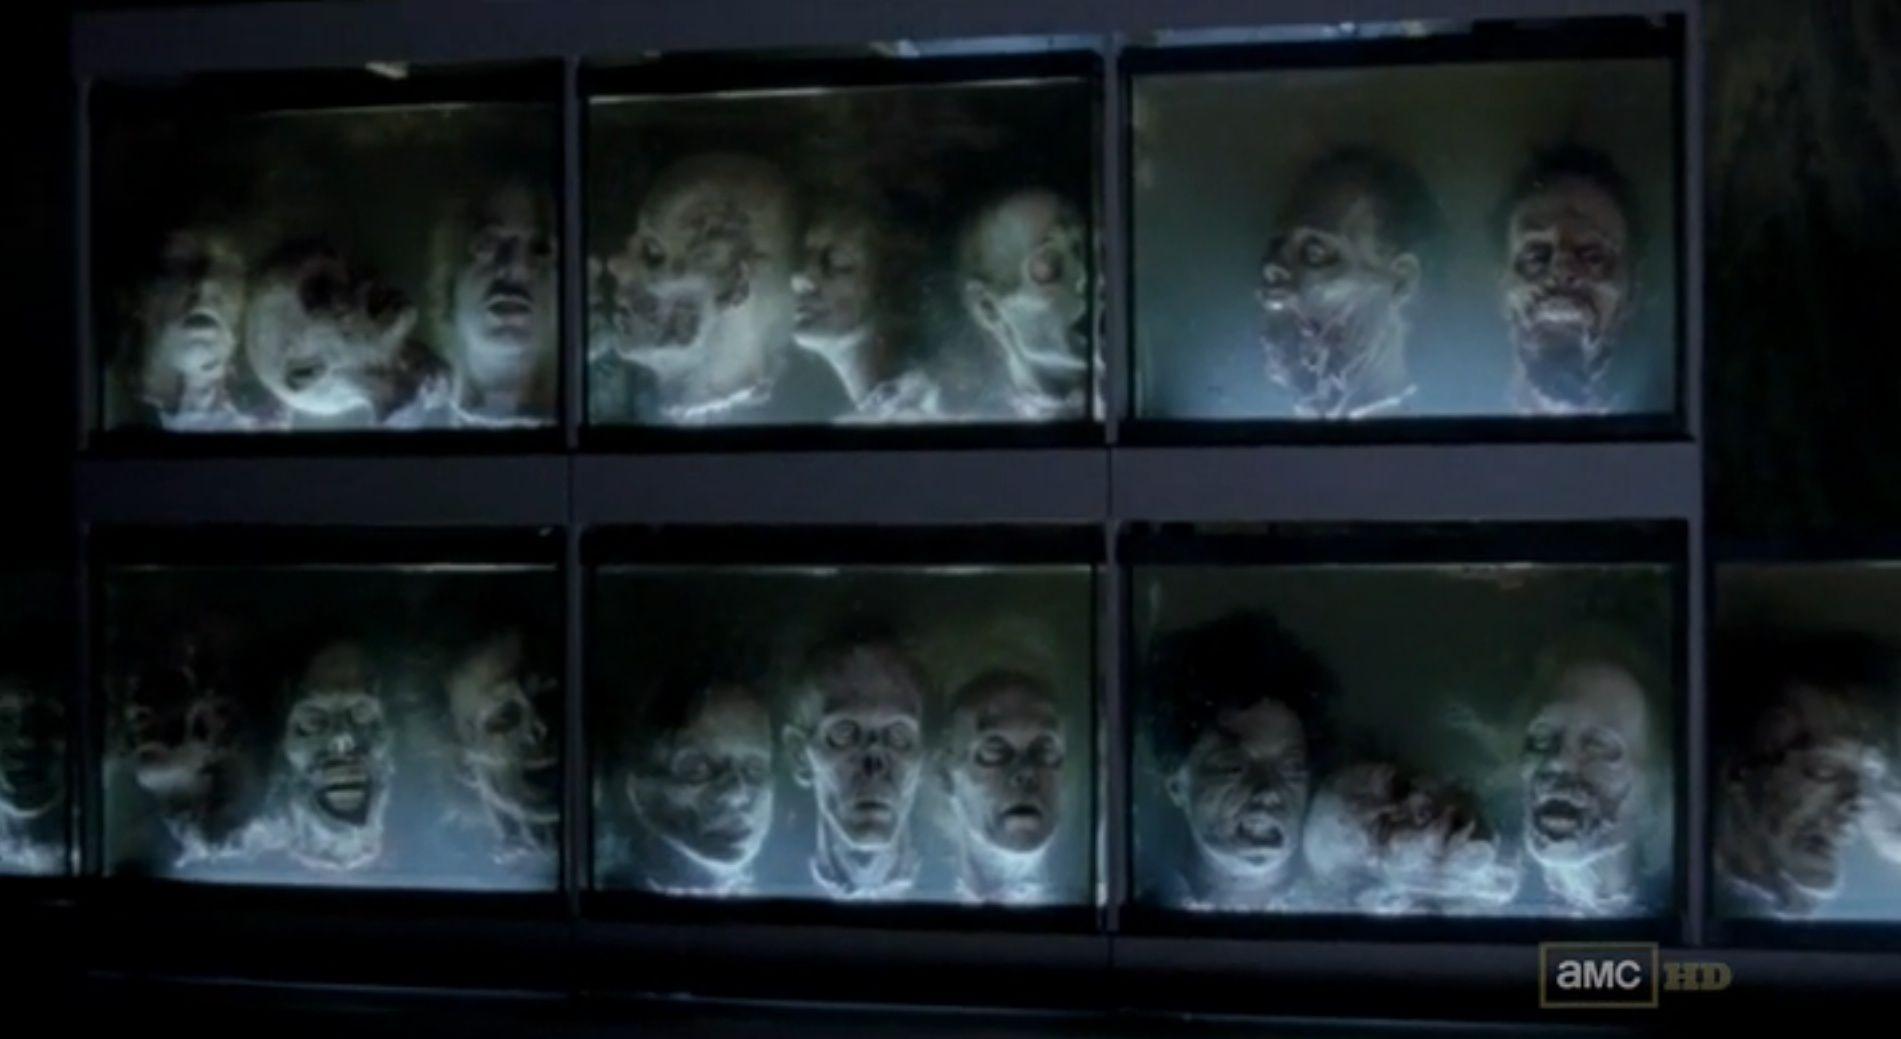 Walking Dead Heads In Fish Tanks